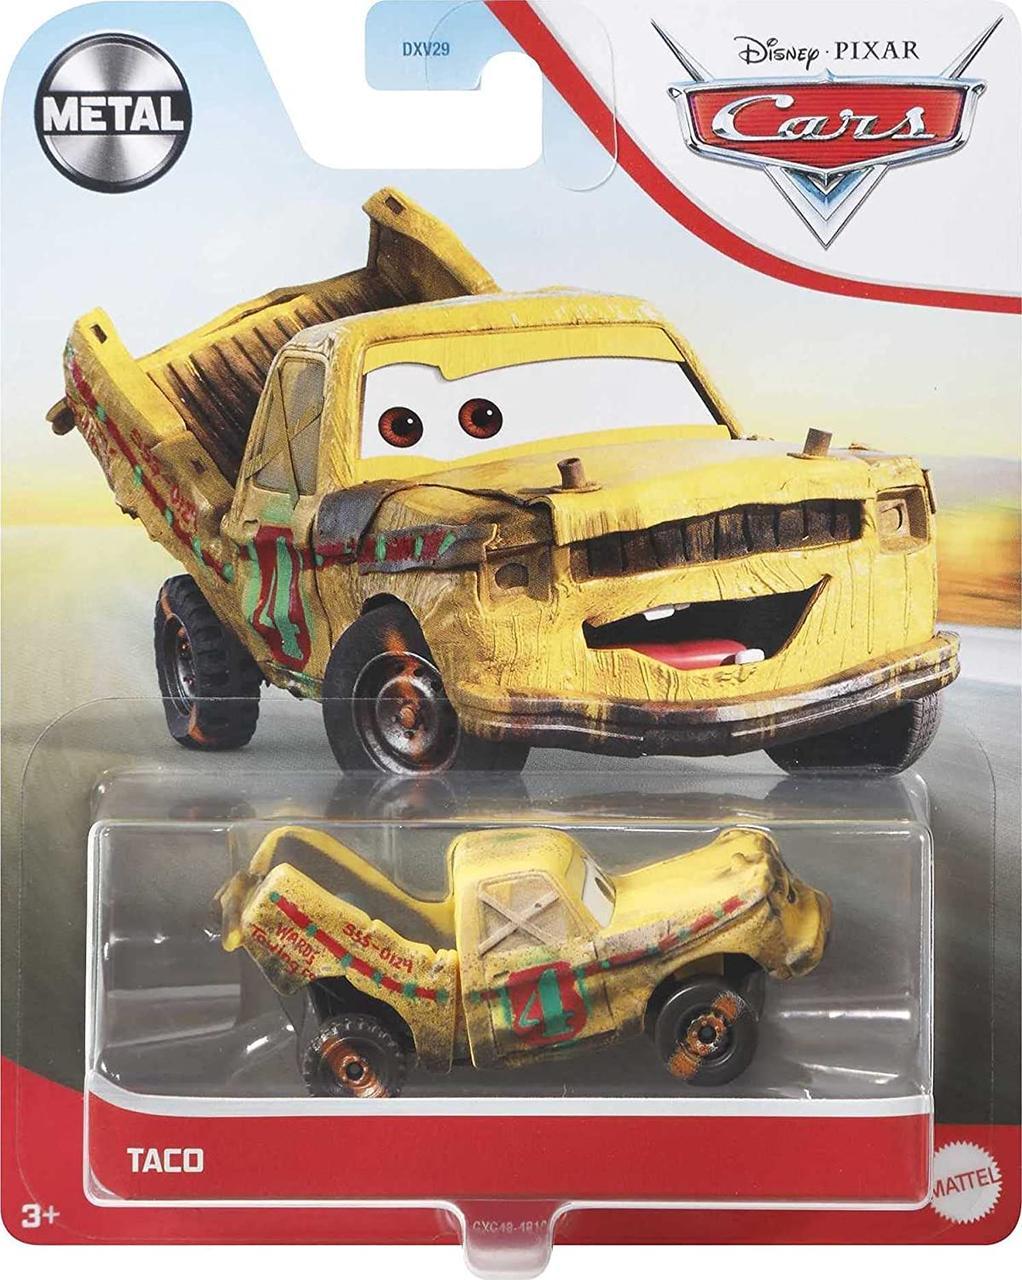 Тачки 3: Тако (Disney and Pixar Cars Taco) от Mattel